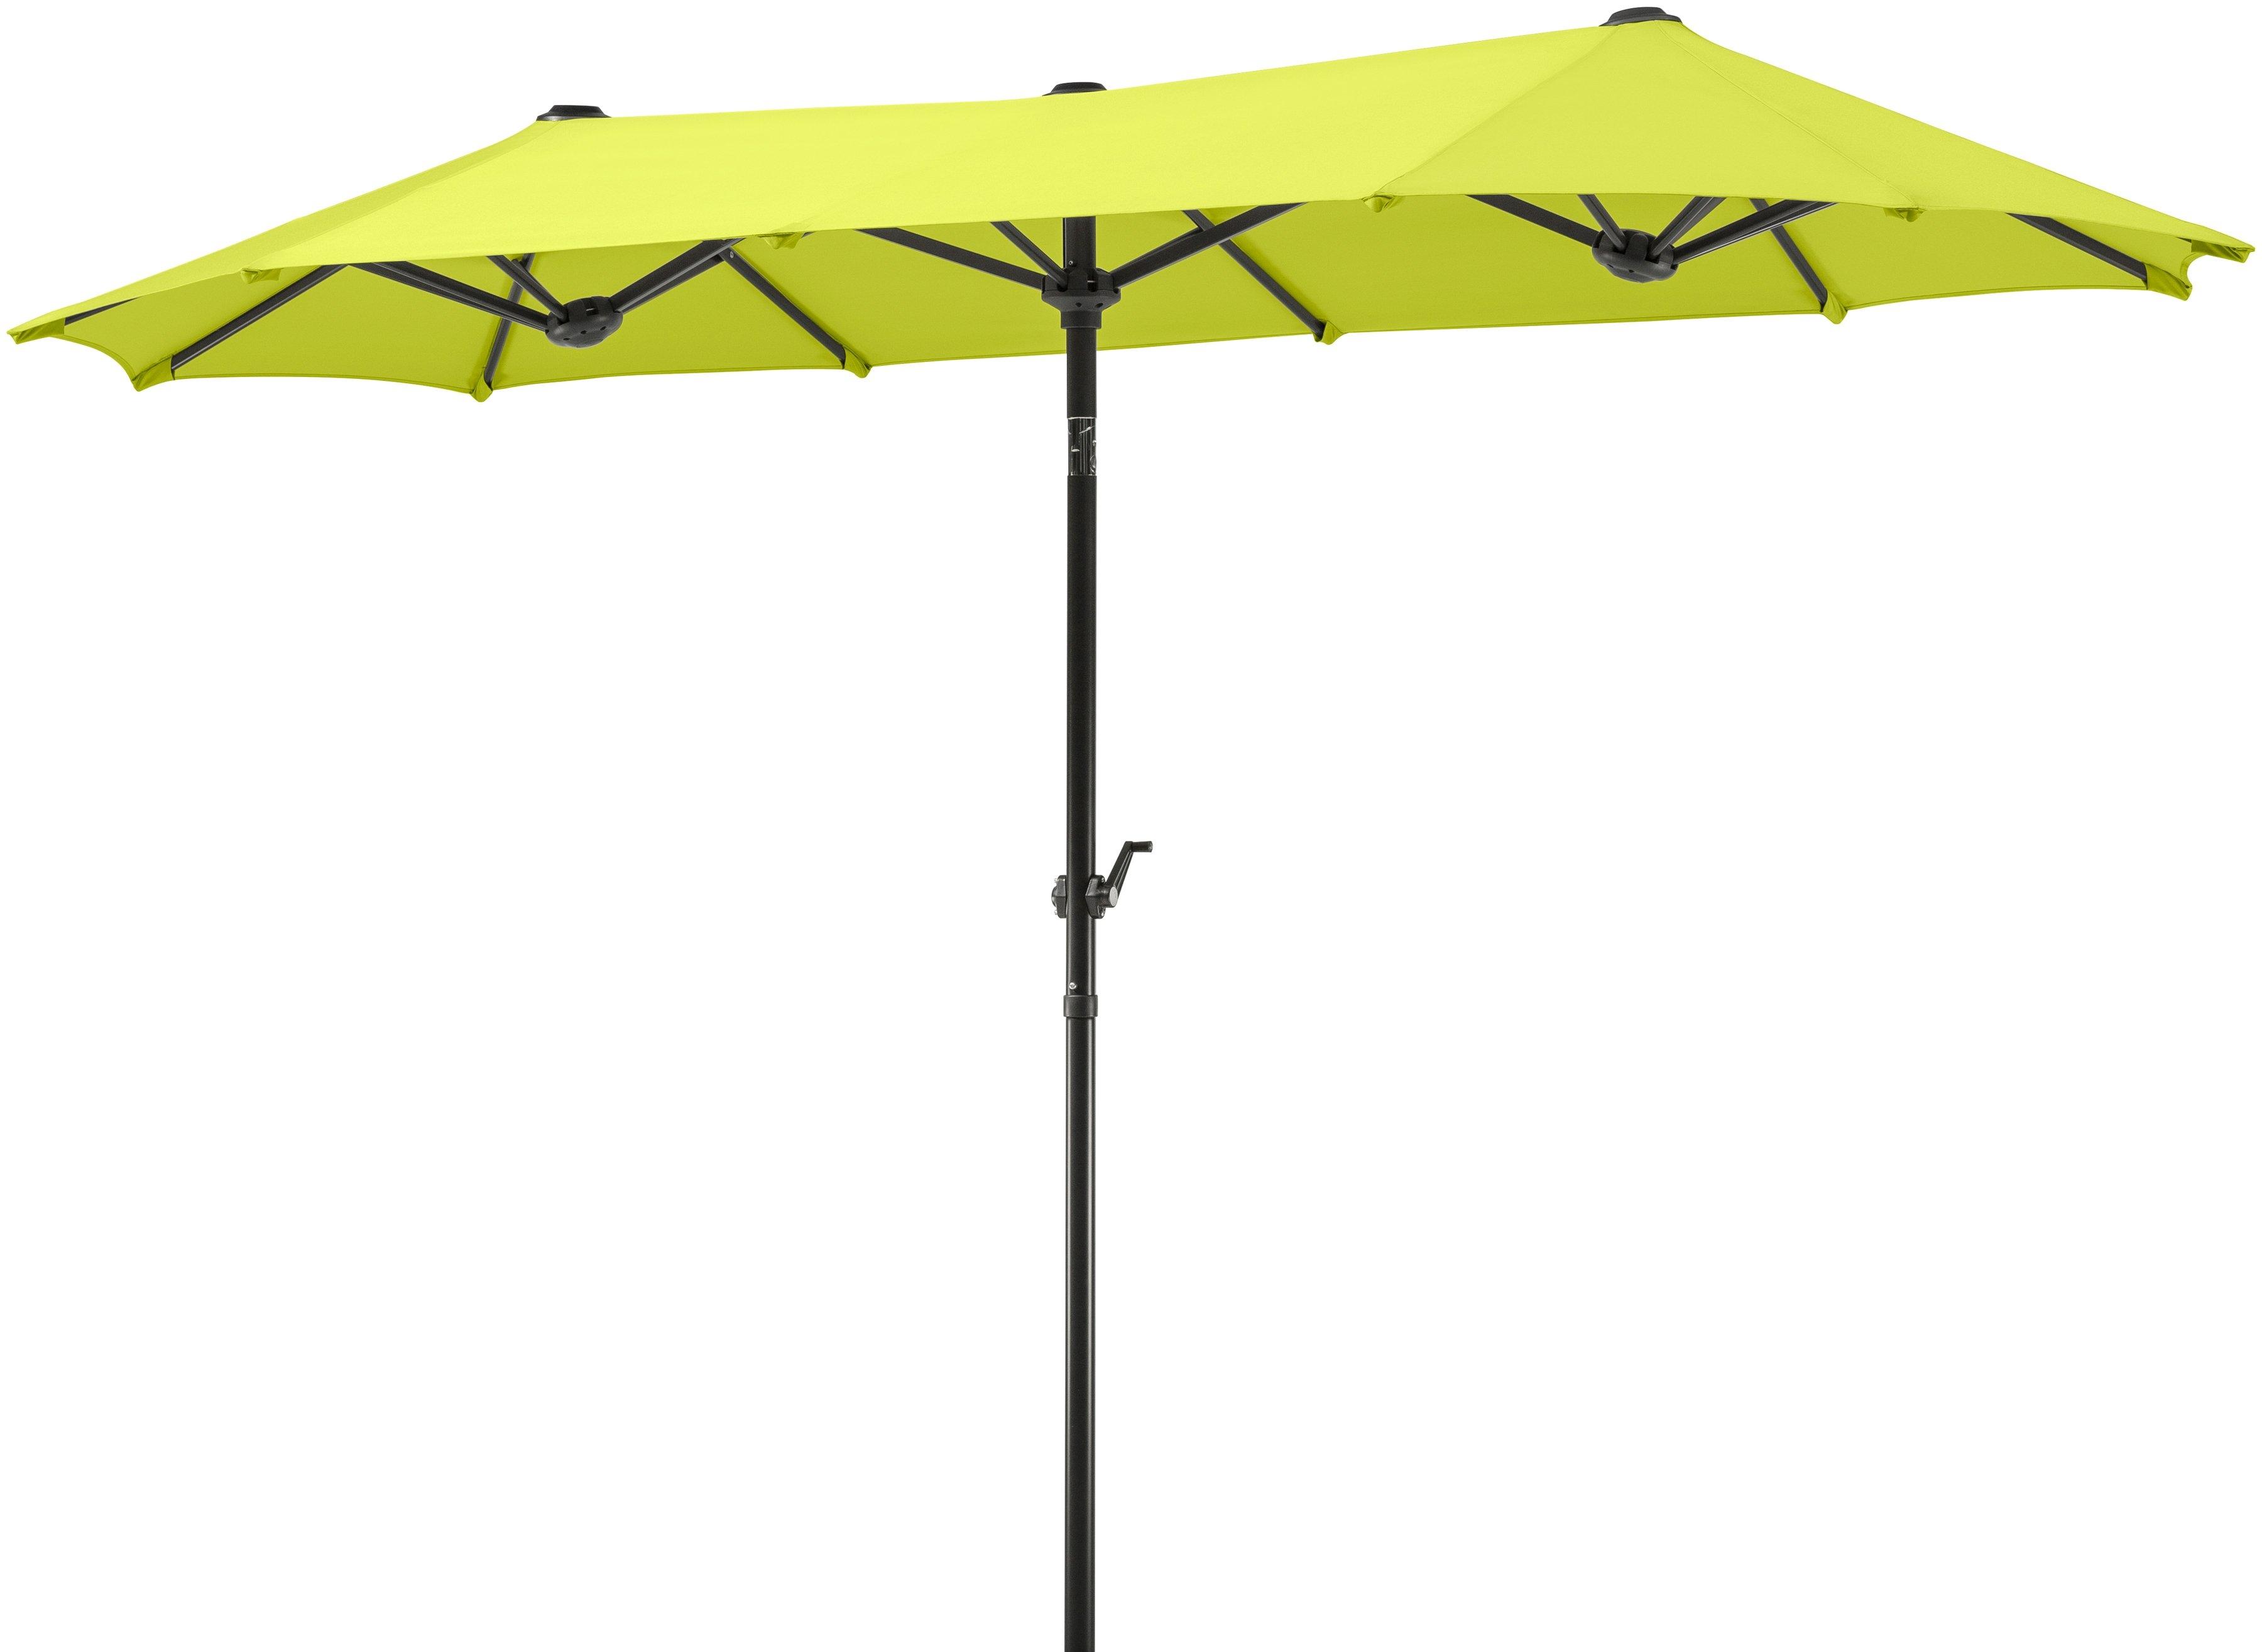 Schneider Schirme SCHNEIDER parasols Parasol »Salerno«, 300x150 cm, incl. Beschermhoes, zonder paraplubak bestellen: 30 dagen bedenktijd